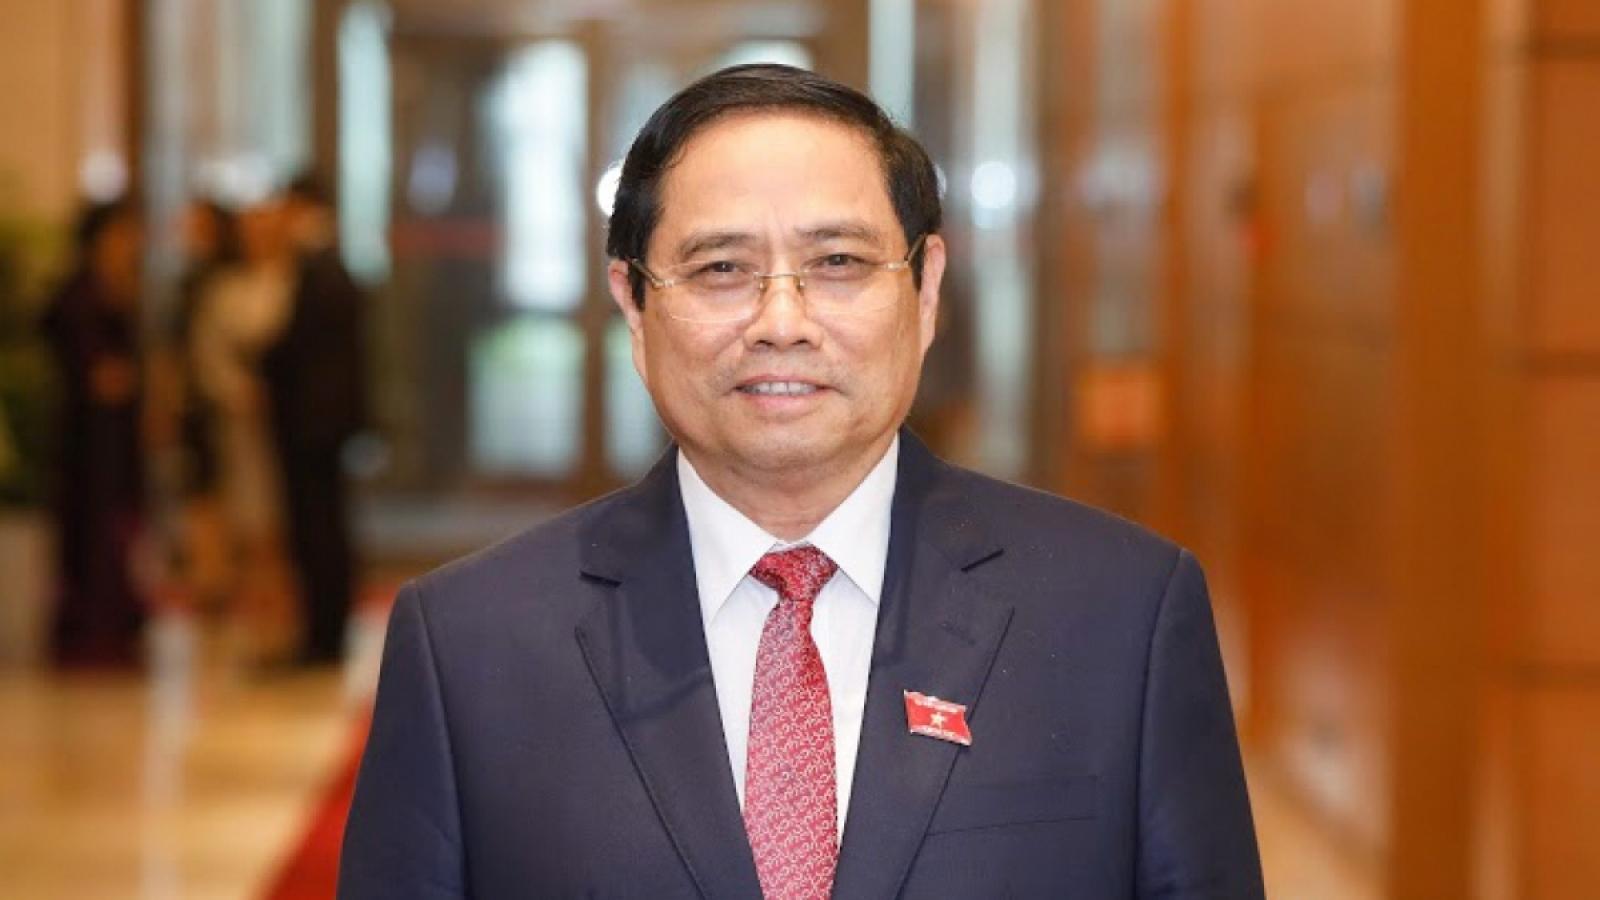 Thủ tướng Phạm Minh Chính được bầu làm Phó Chủ tịch Hội đồng quốc phòng và an ninh